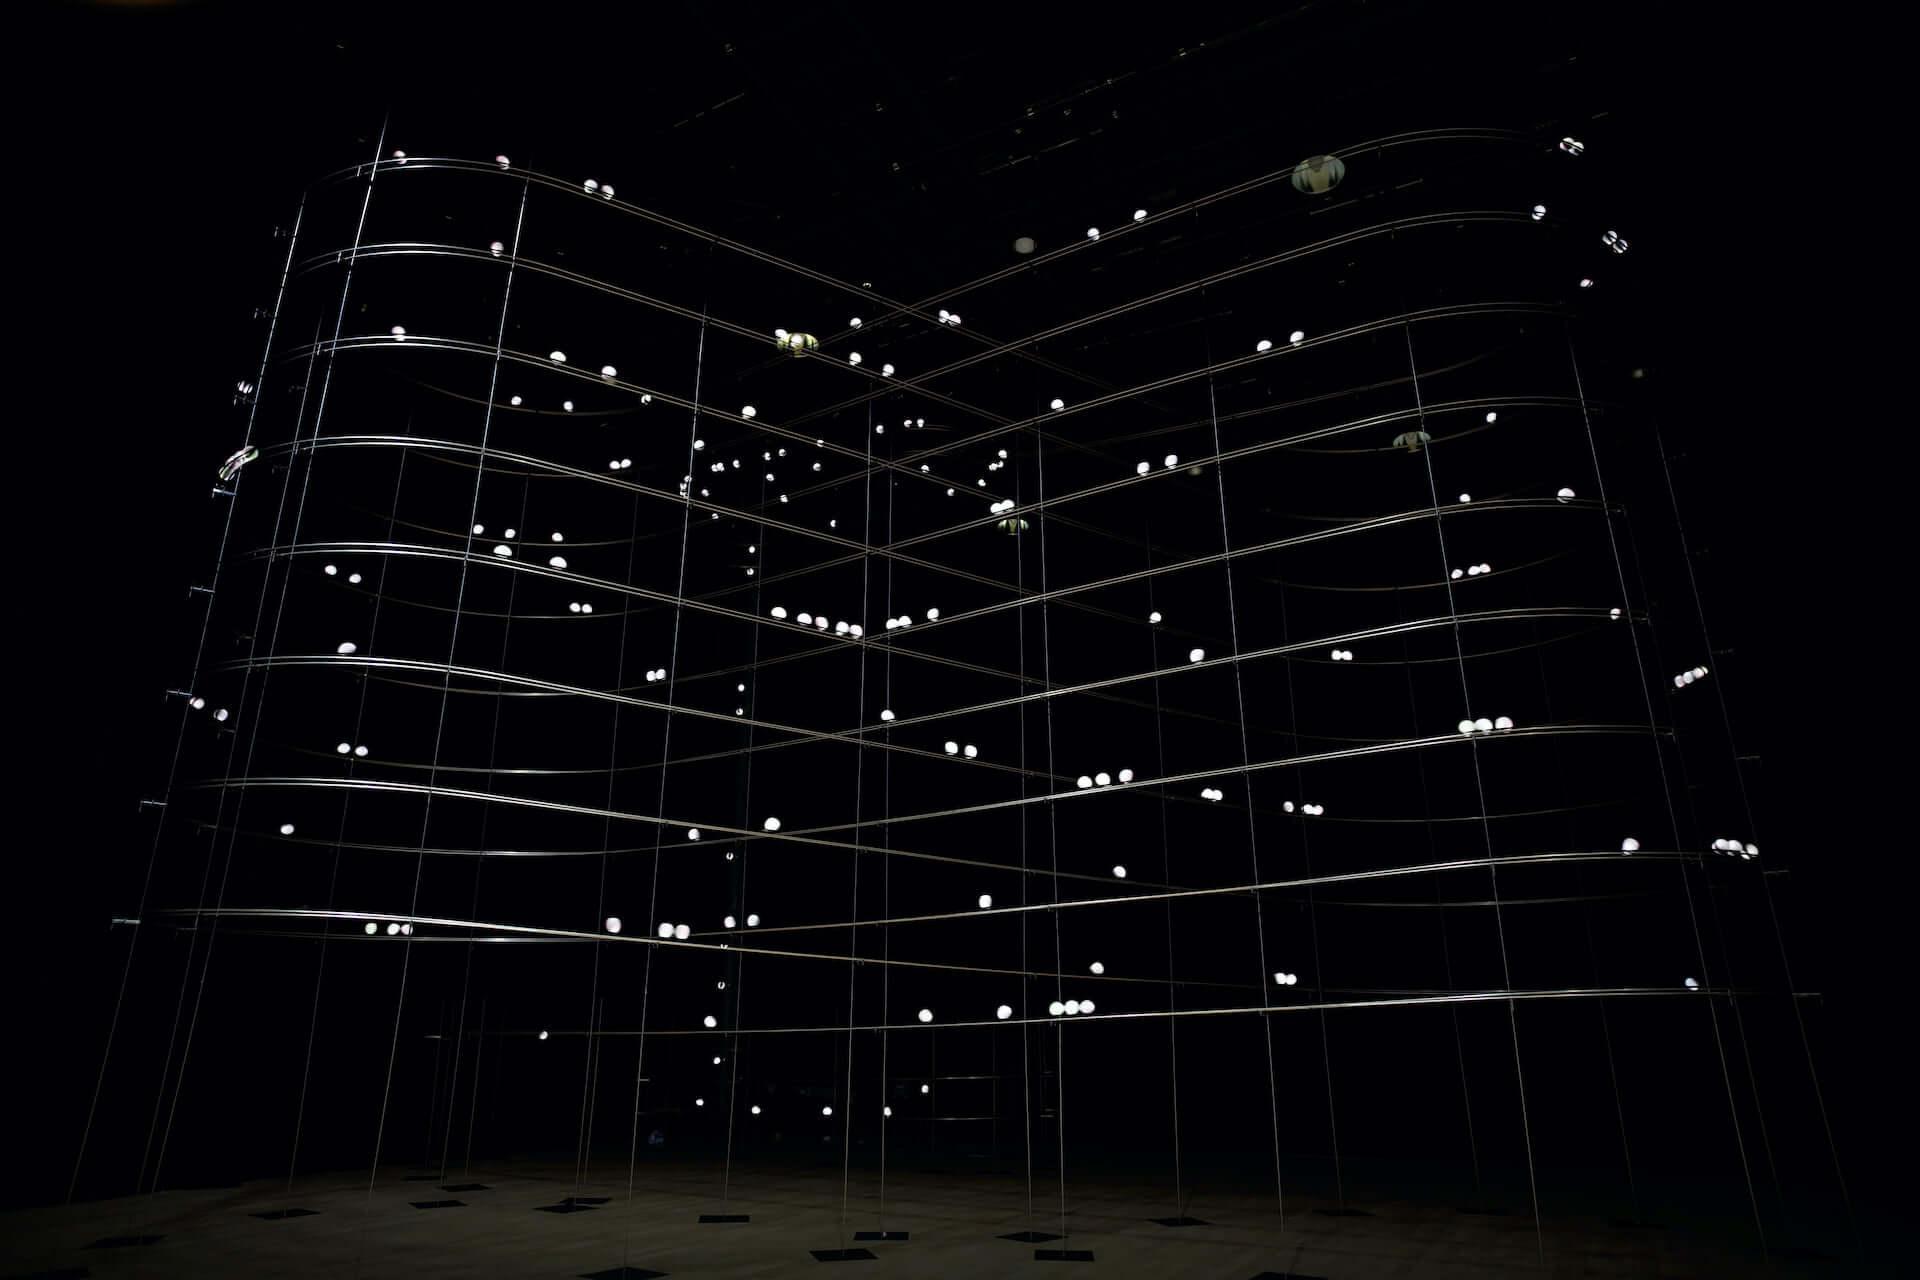 ライゾマティクス初の大規模個展<ライゾマティクス_マルティプレックス>が東京都現代美術館で明日開幕!新作インスタレーションなど多数展示 art210319_rhizomatiks_3-1920x1280